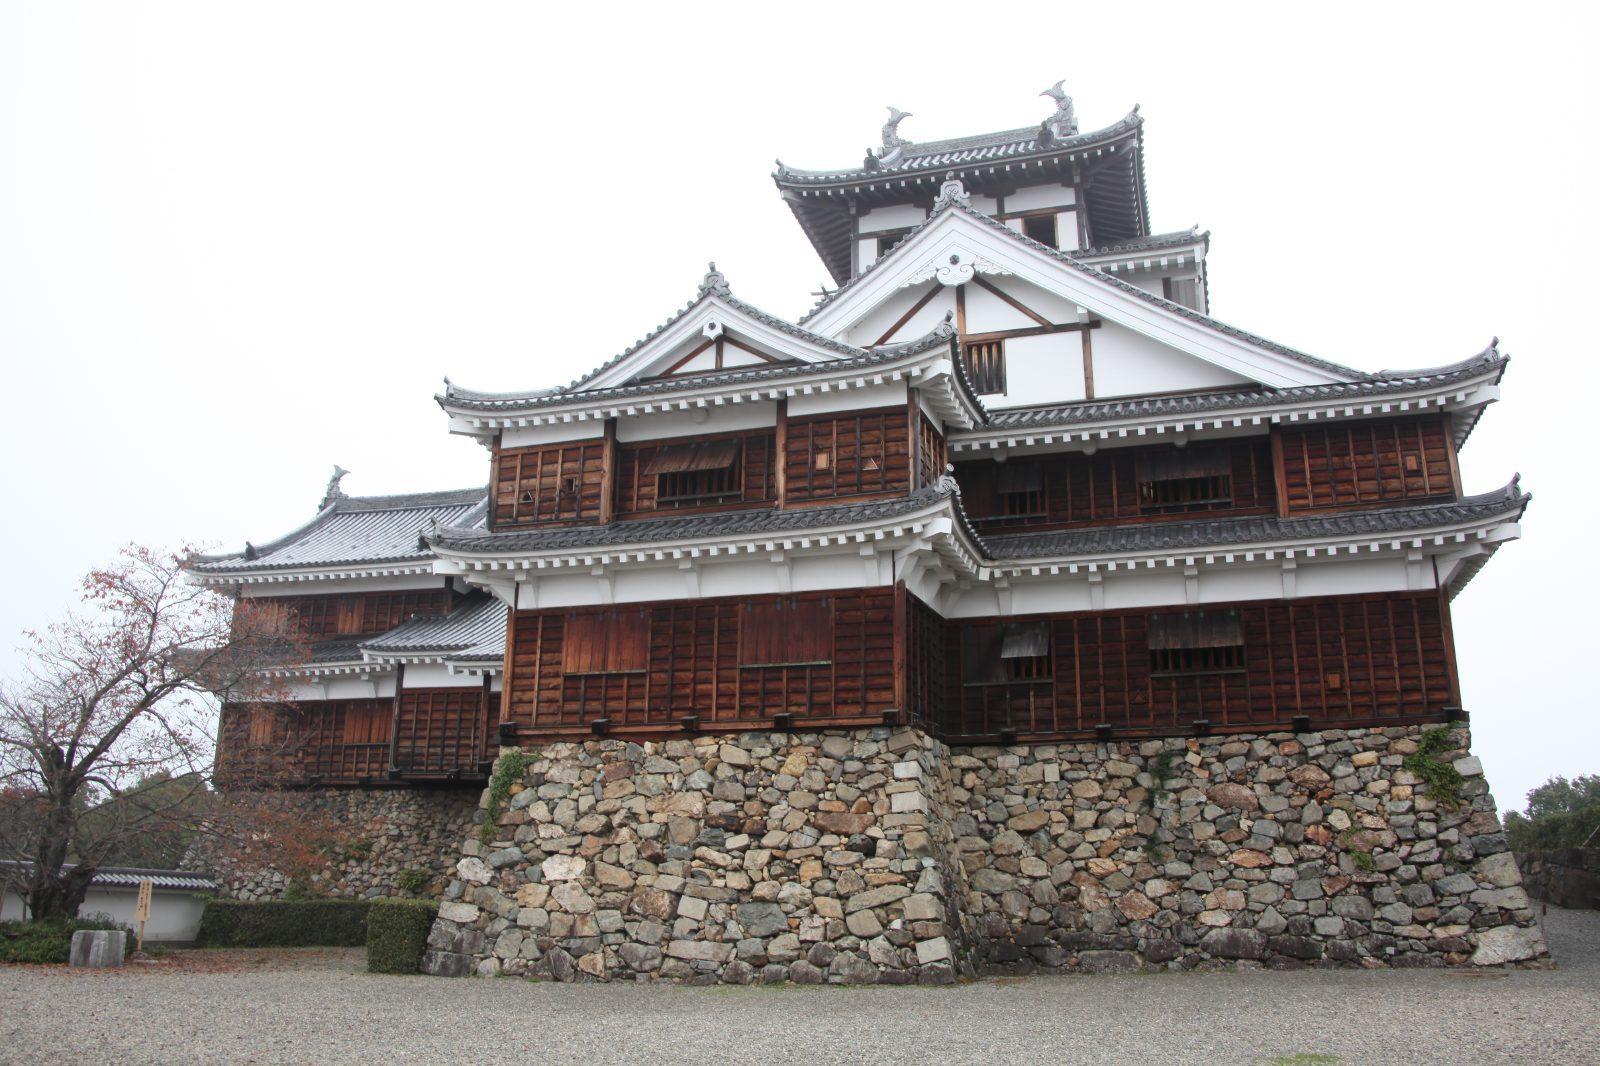 福知山の観光スポット特集!おすすめグルメや紅葉の名所もご紹介!